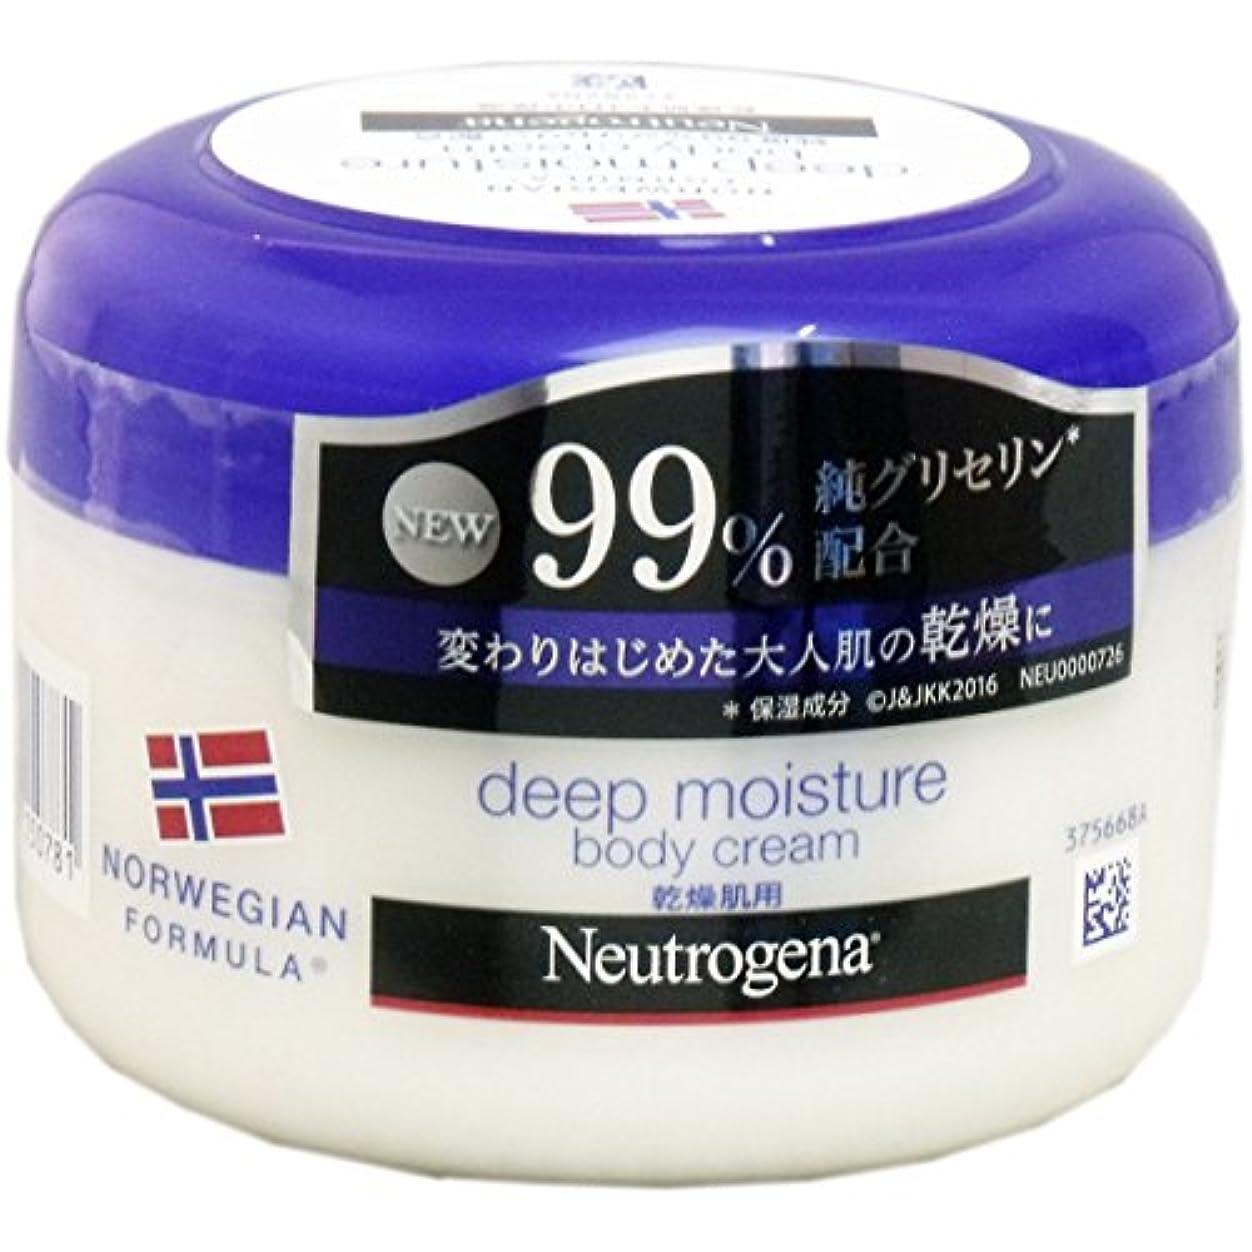 良心がっかりした艦隊【まとめ買い】Neutrogena(ニュートロジーナ) ノルウェーフォーミュラ ディープモイスチャー ボディクリーム 乾燥肌用 微香性 200ml×3個